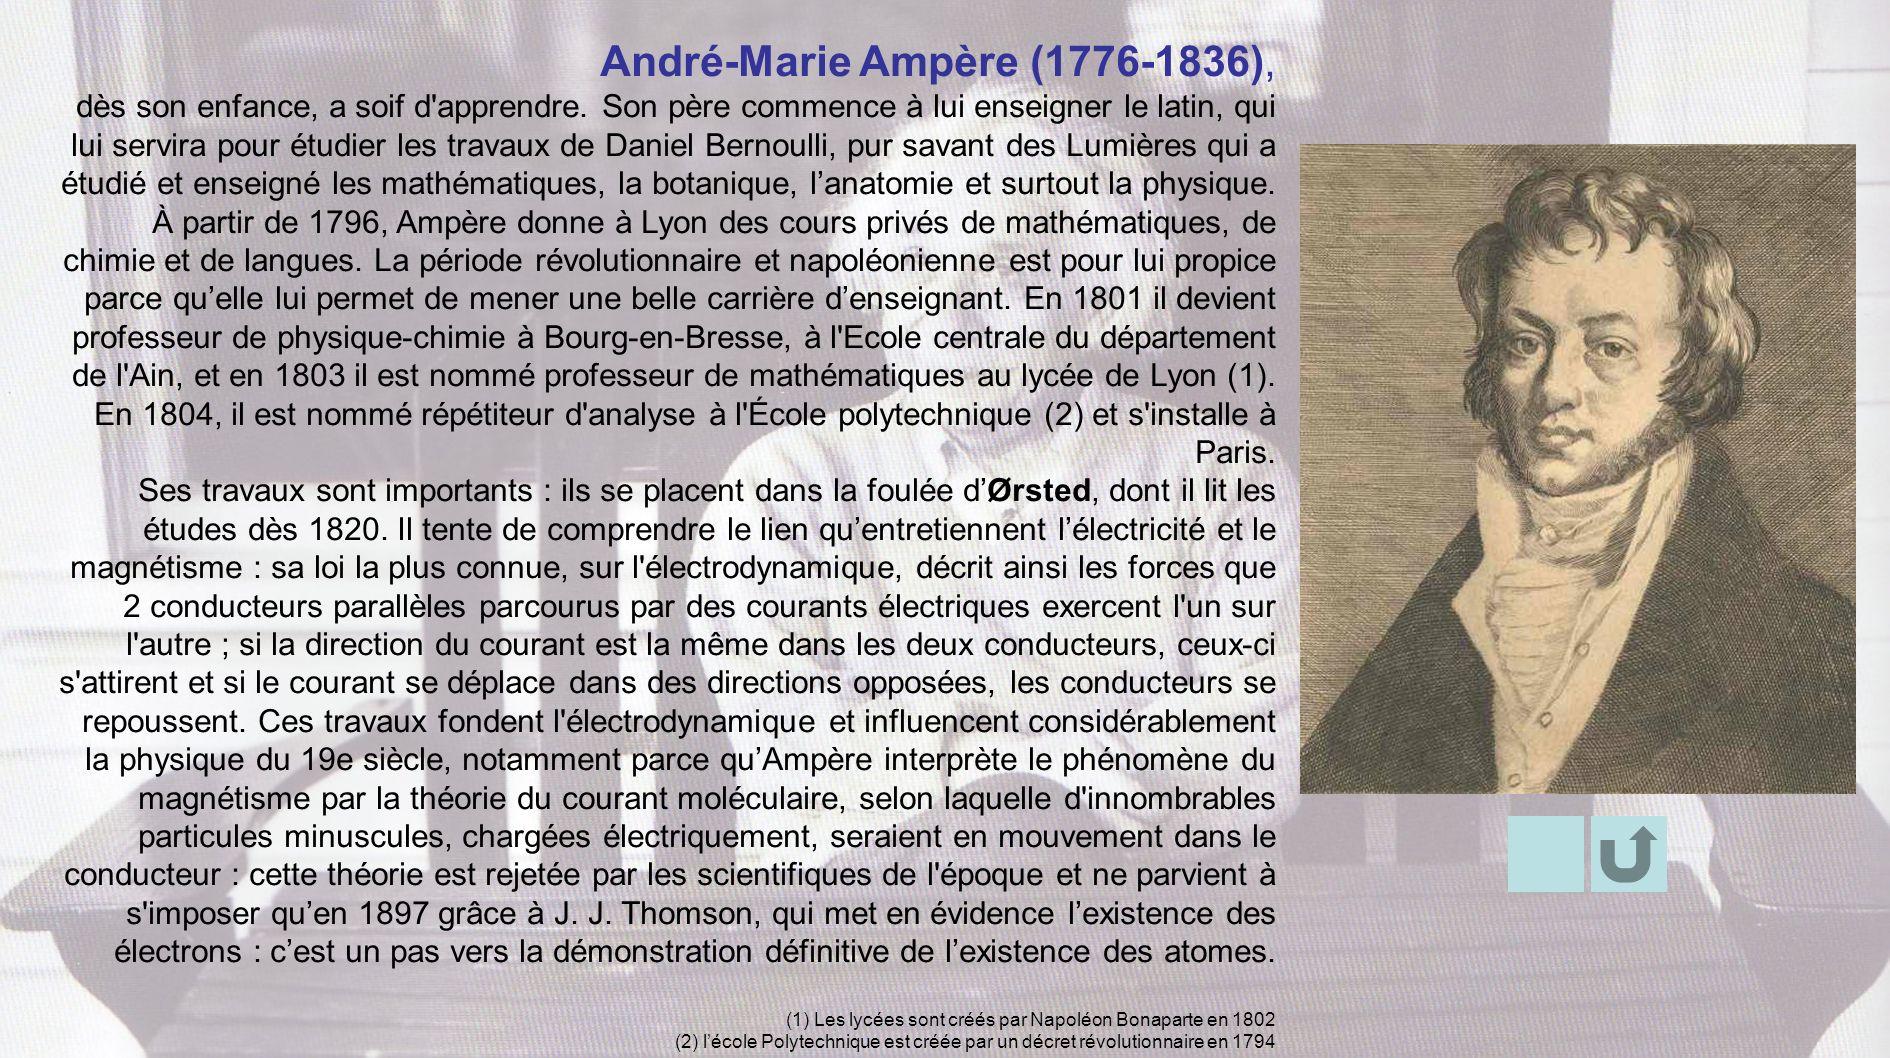 André-Marie Ampère (1776-1836), dès son enfance, a soif d'apprendre. Son père commence à lui enseigner le latin, qui lui servira pour étudier les trav